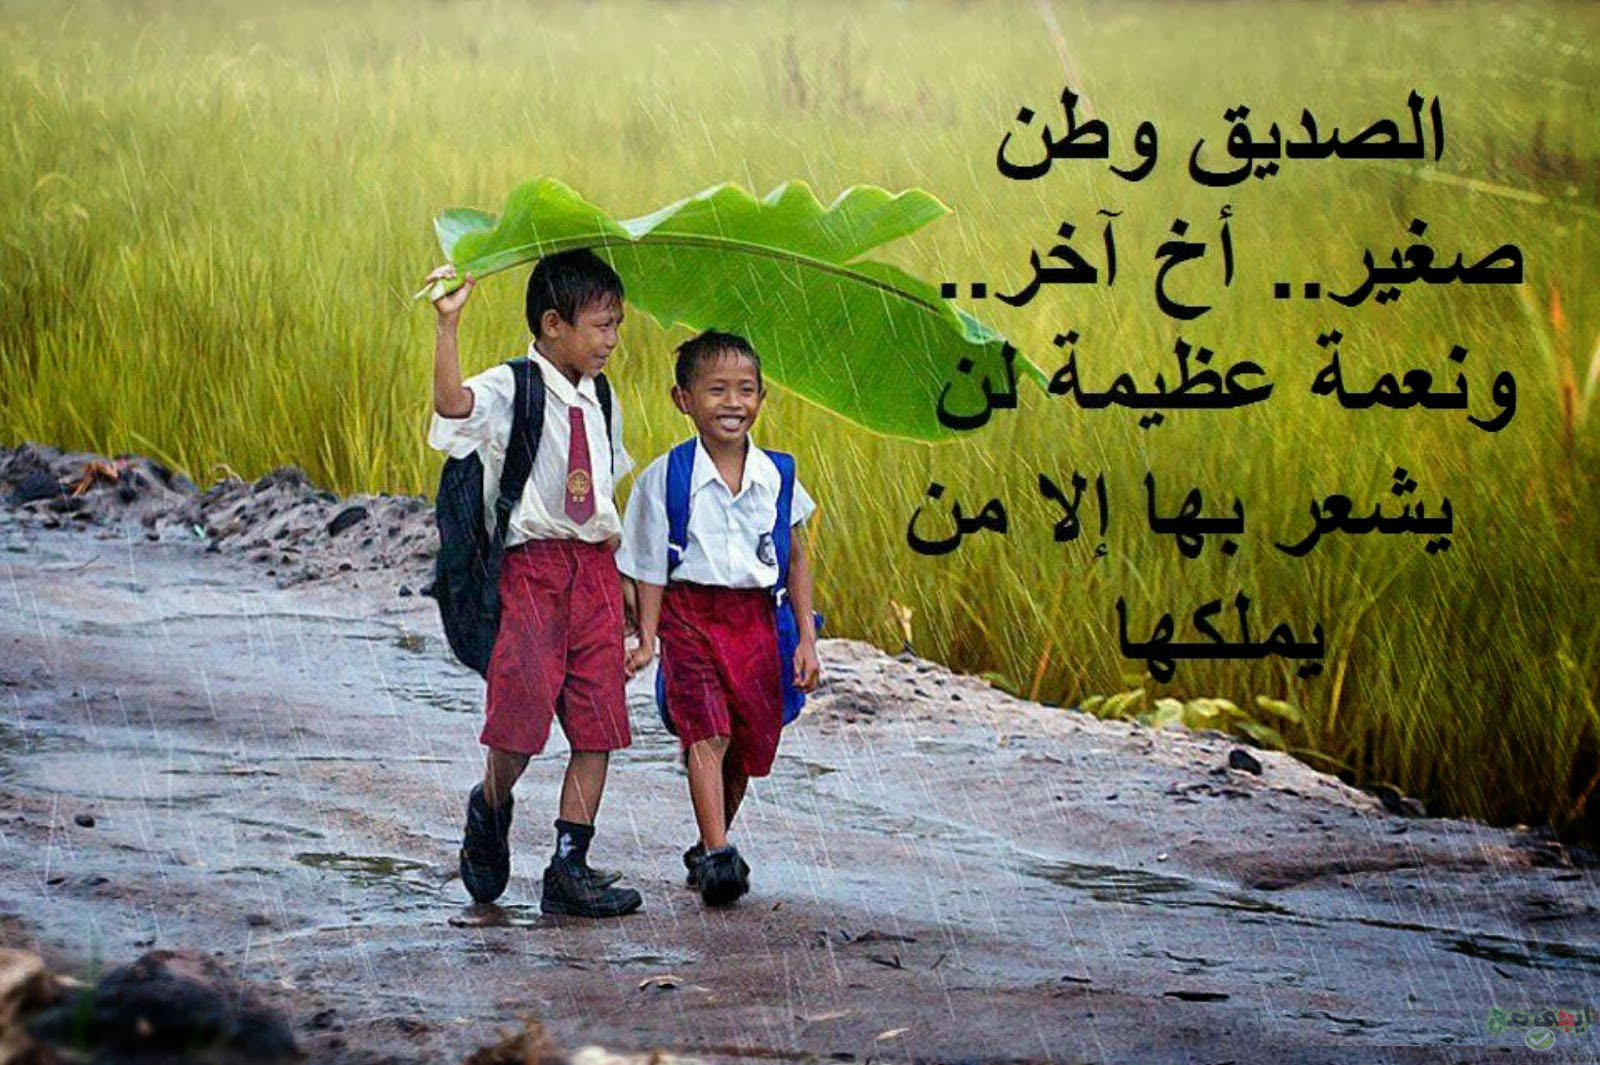 صورة اجمل كلام عن الصديق , بالصور اجمل كلام عن الصديق